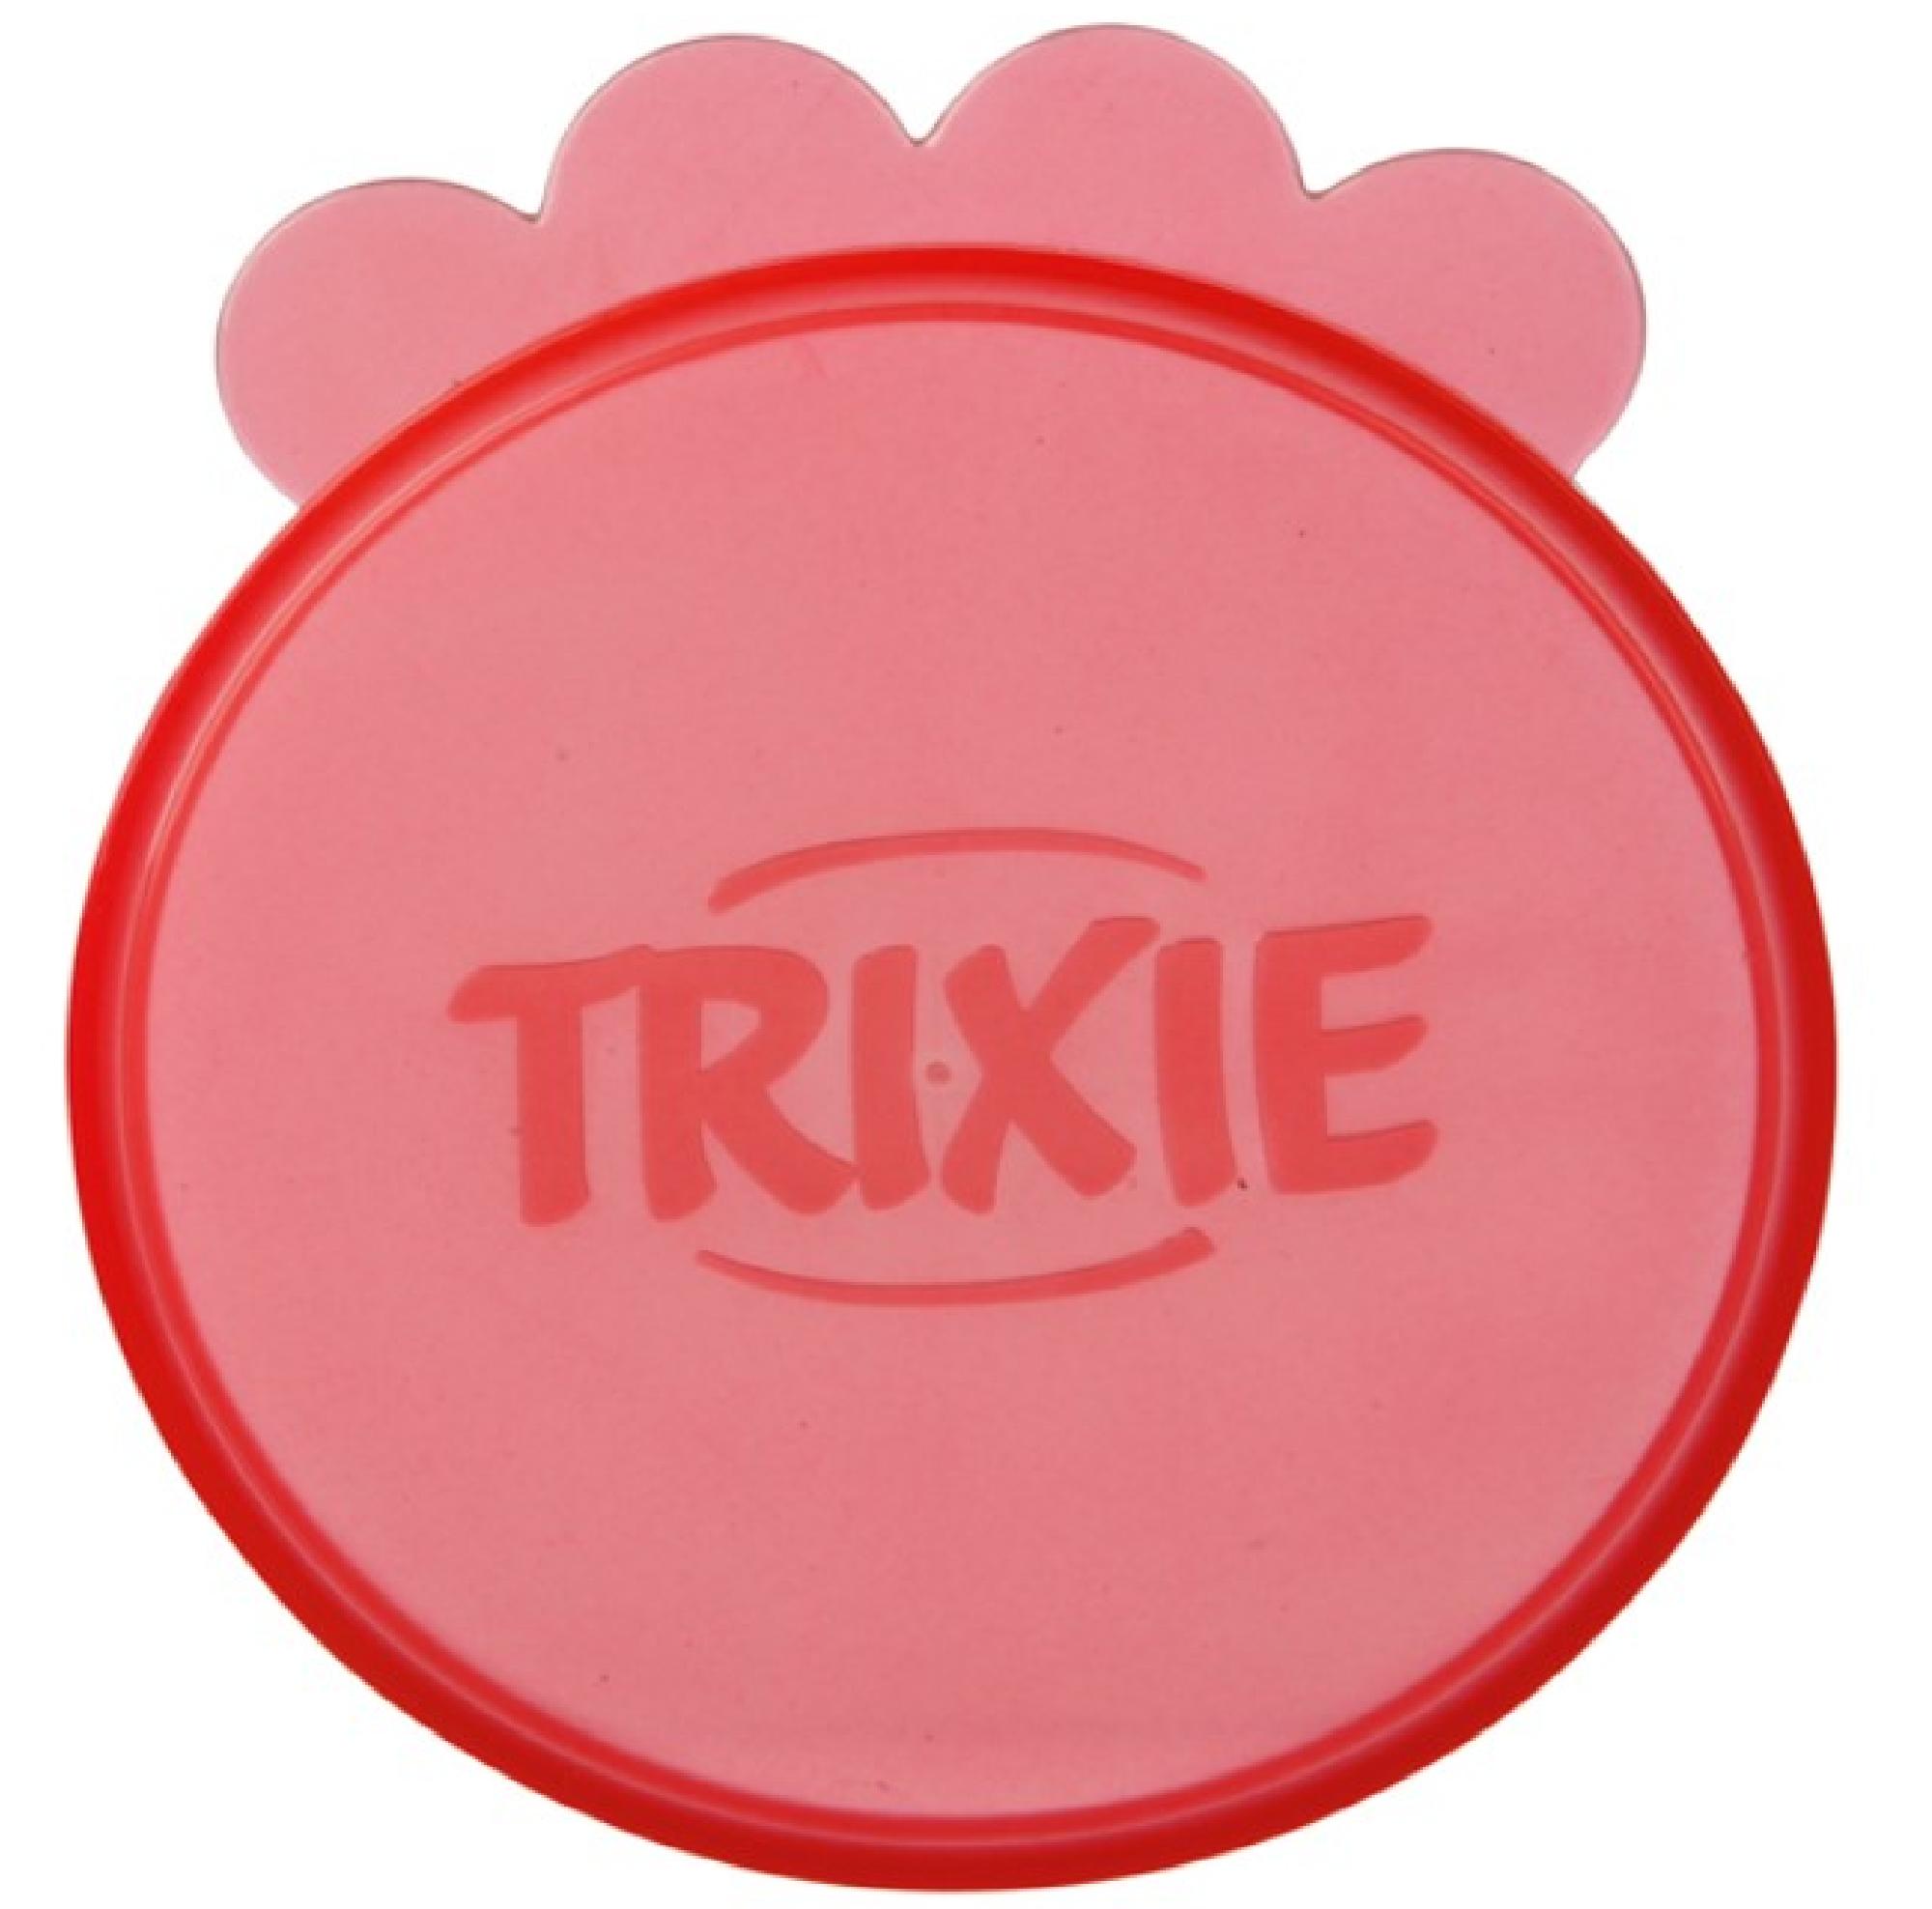 Burklock plast 7cm 3-pack